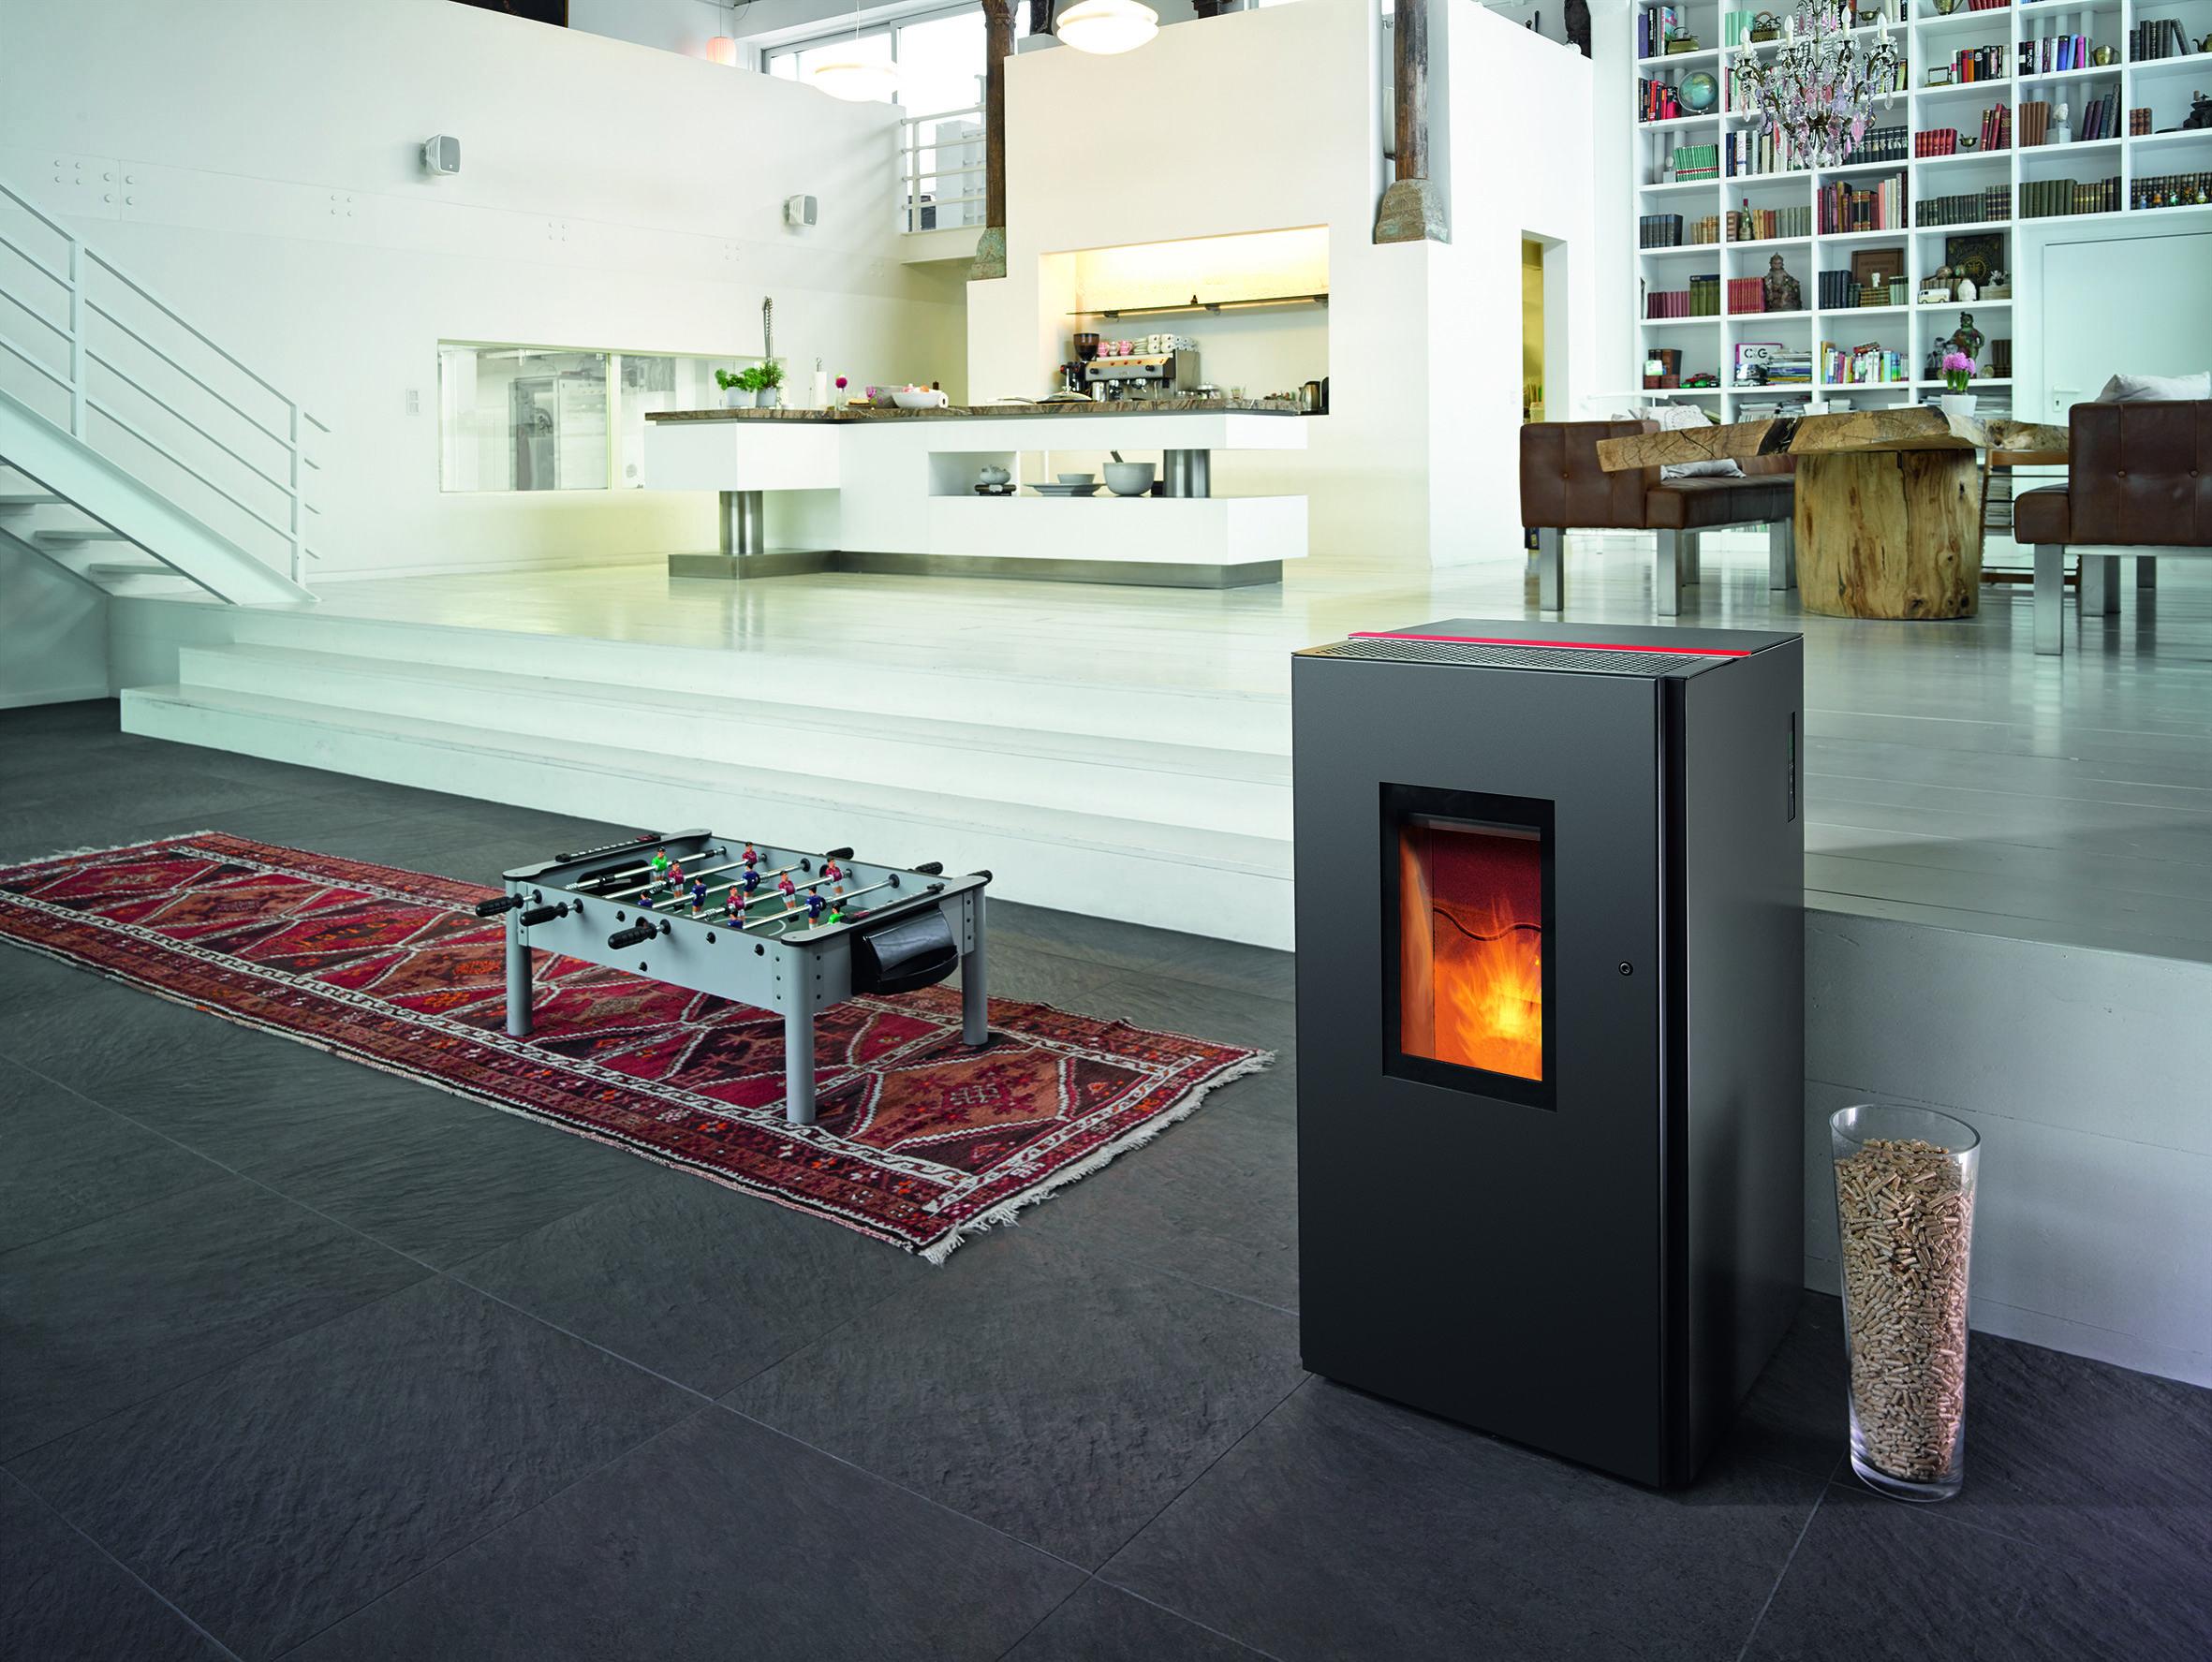 wodtke pat pelletofen wodtke pelletofen pinterest ofen. Black Bedroom Furniture Sets. Home Design Ideas